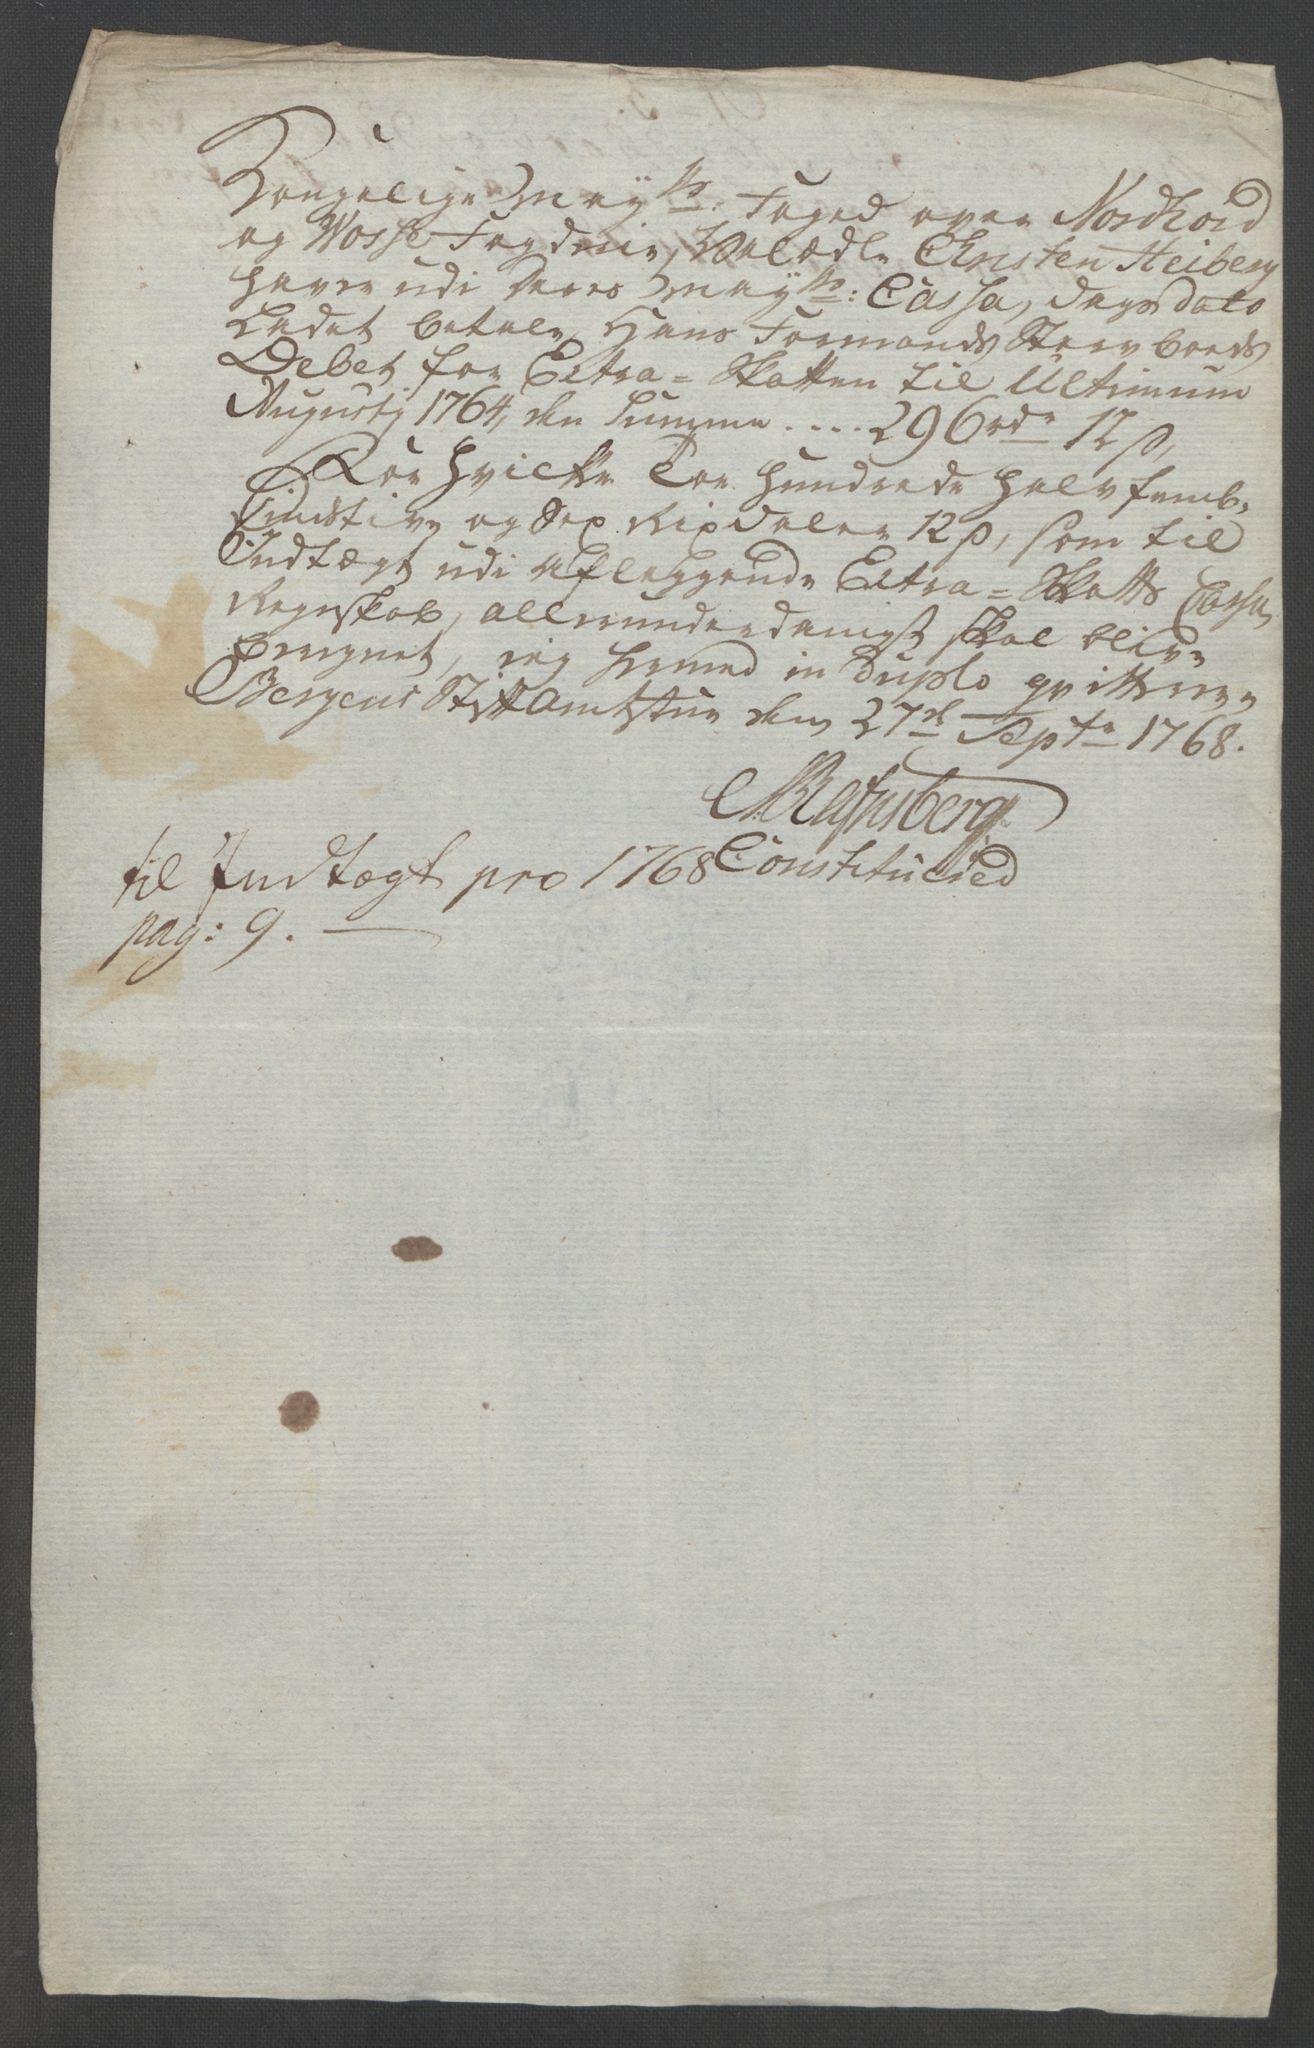 RA, Rentekammeret inntil 1814, Reviderte regnskaper, Fogderegnskap, R51/L3303: Ekstraskatten Nordhordland og Voss, 1762-1772, s. 188